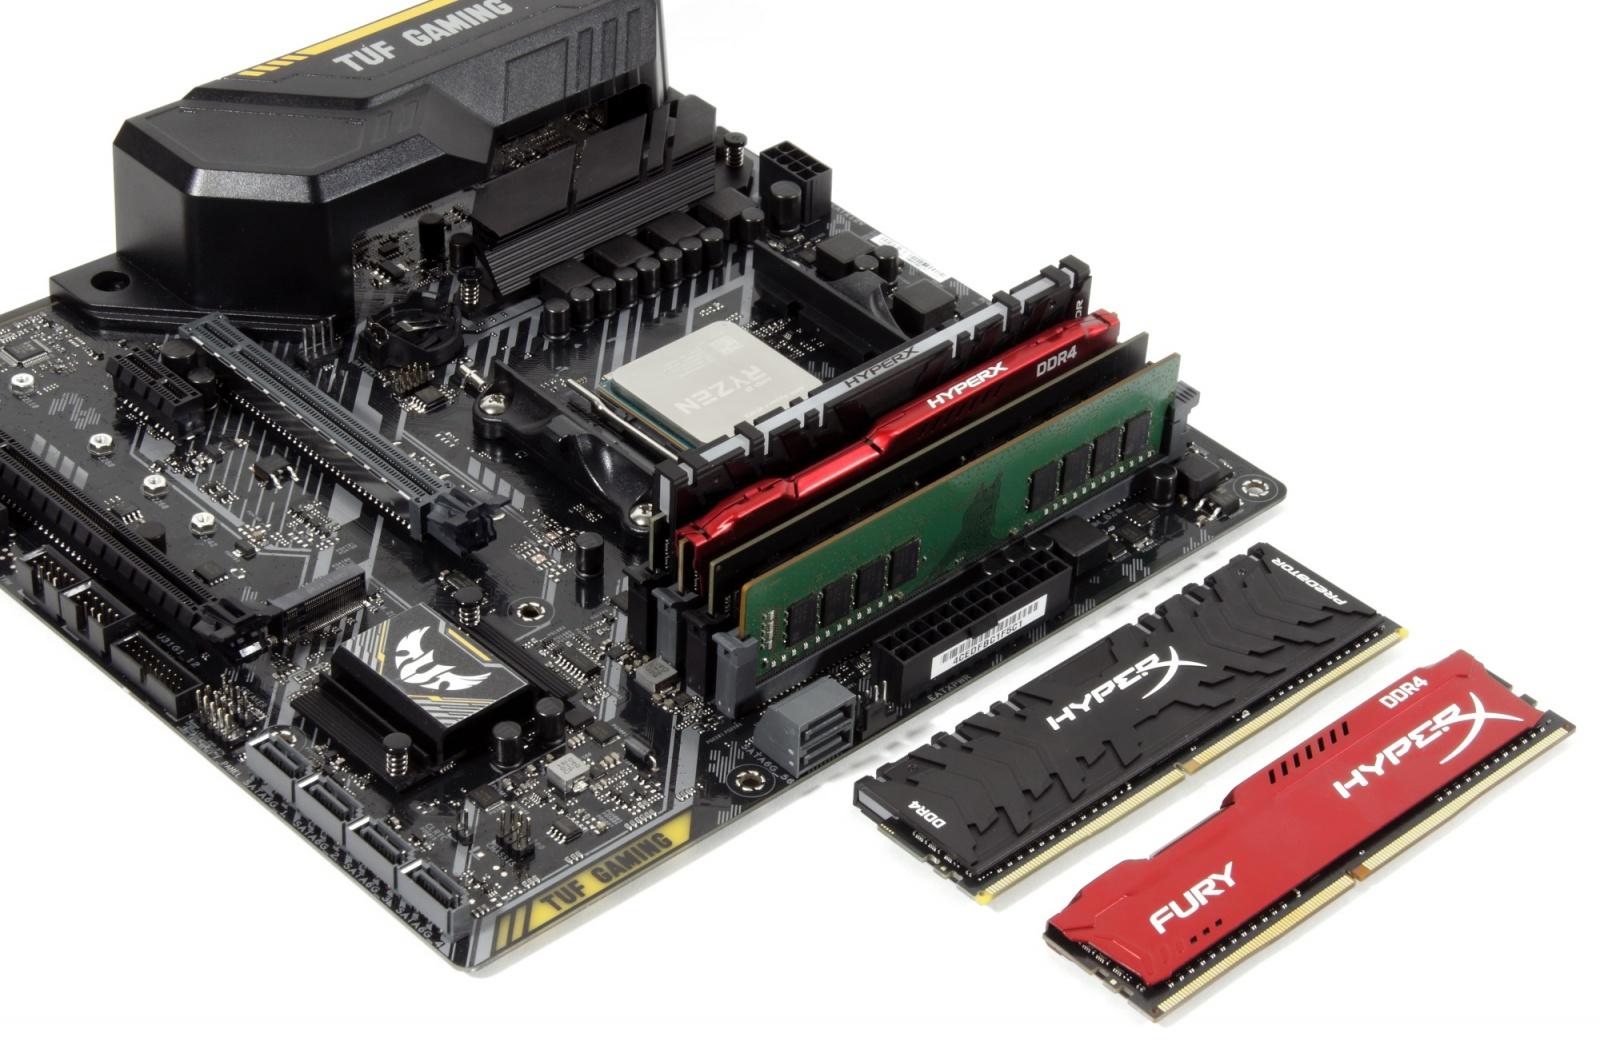 Скупой не платит дважды – настраиваем память на платформе AMD B450 и получаем бесплатную производительность - 1